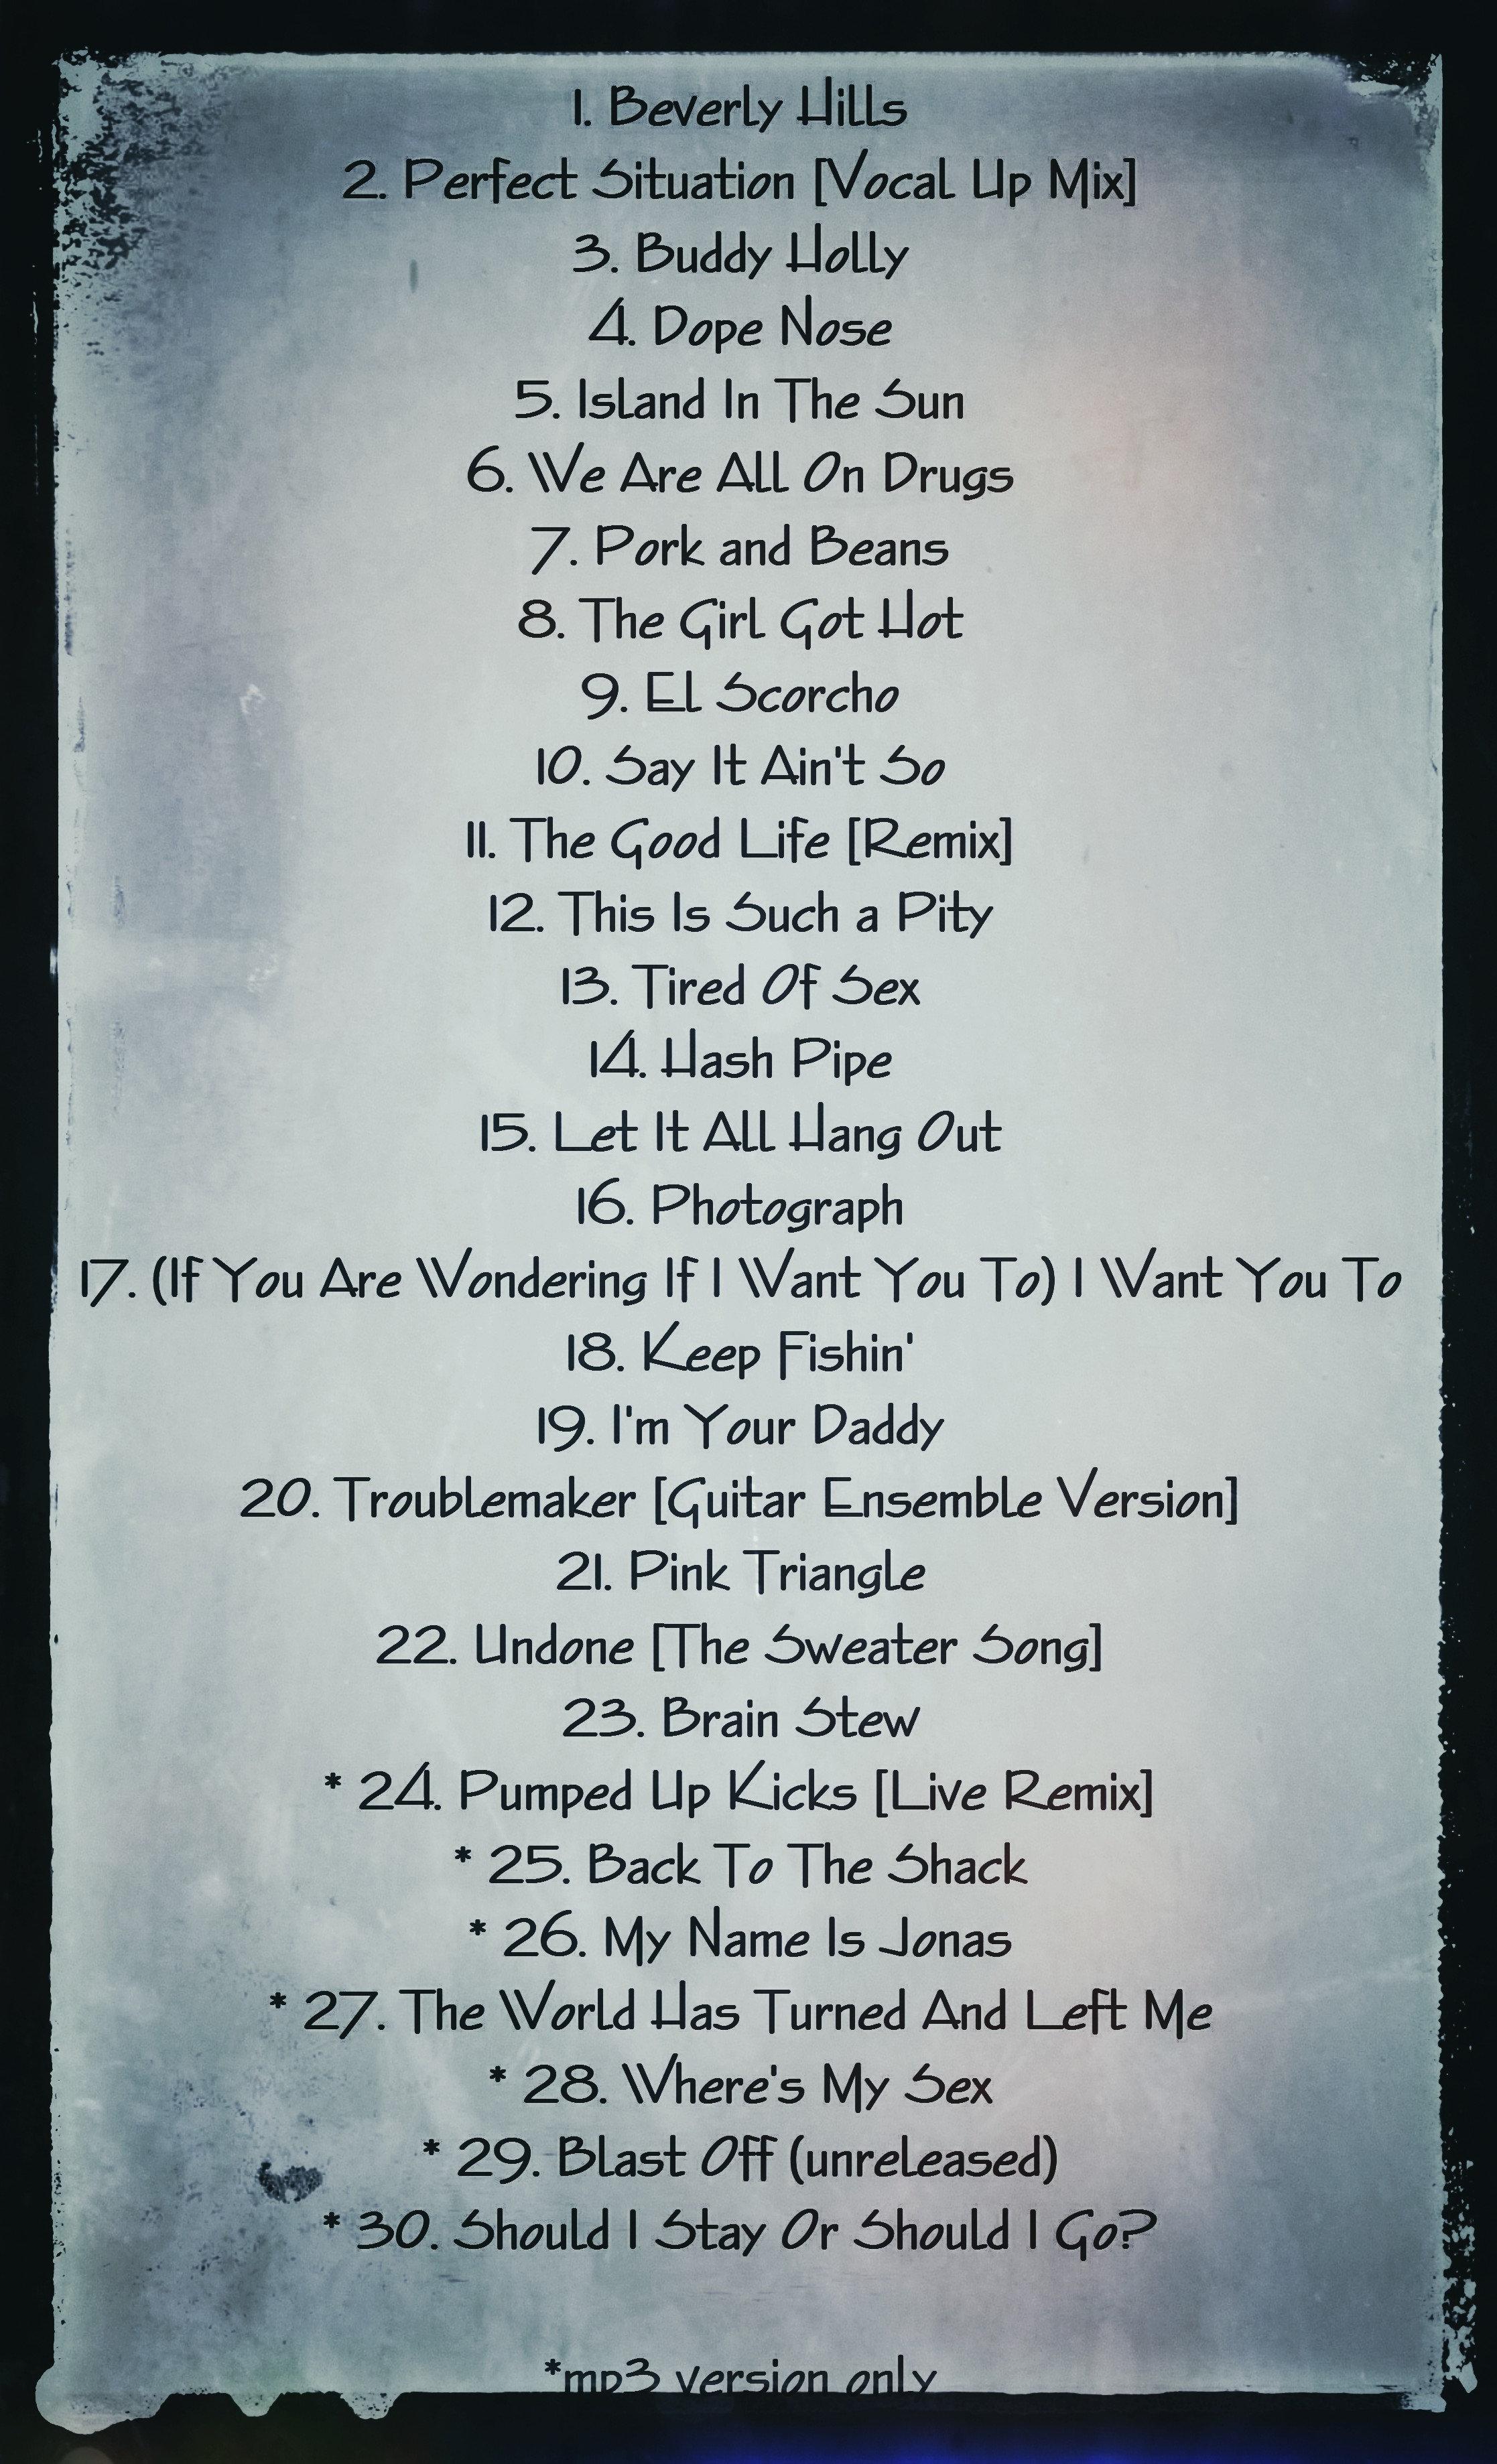 Weezer Ultra Hits | vicious-circle-cdod